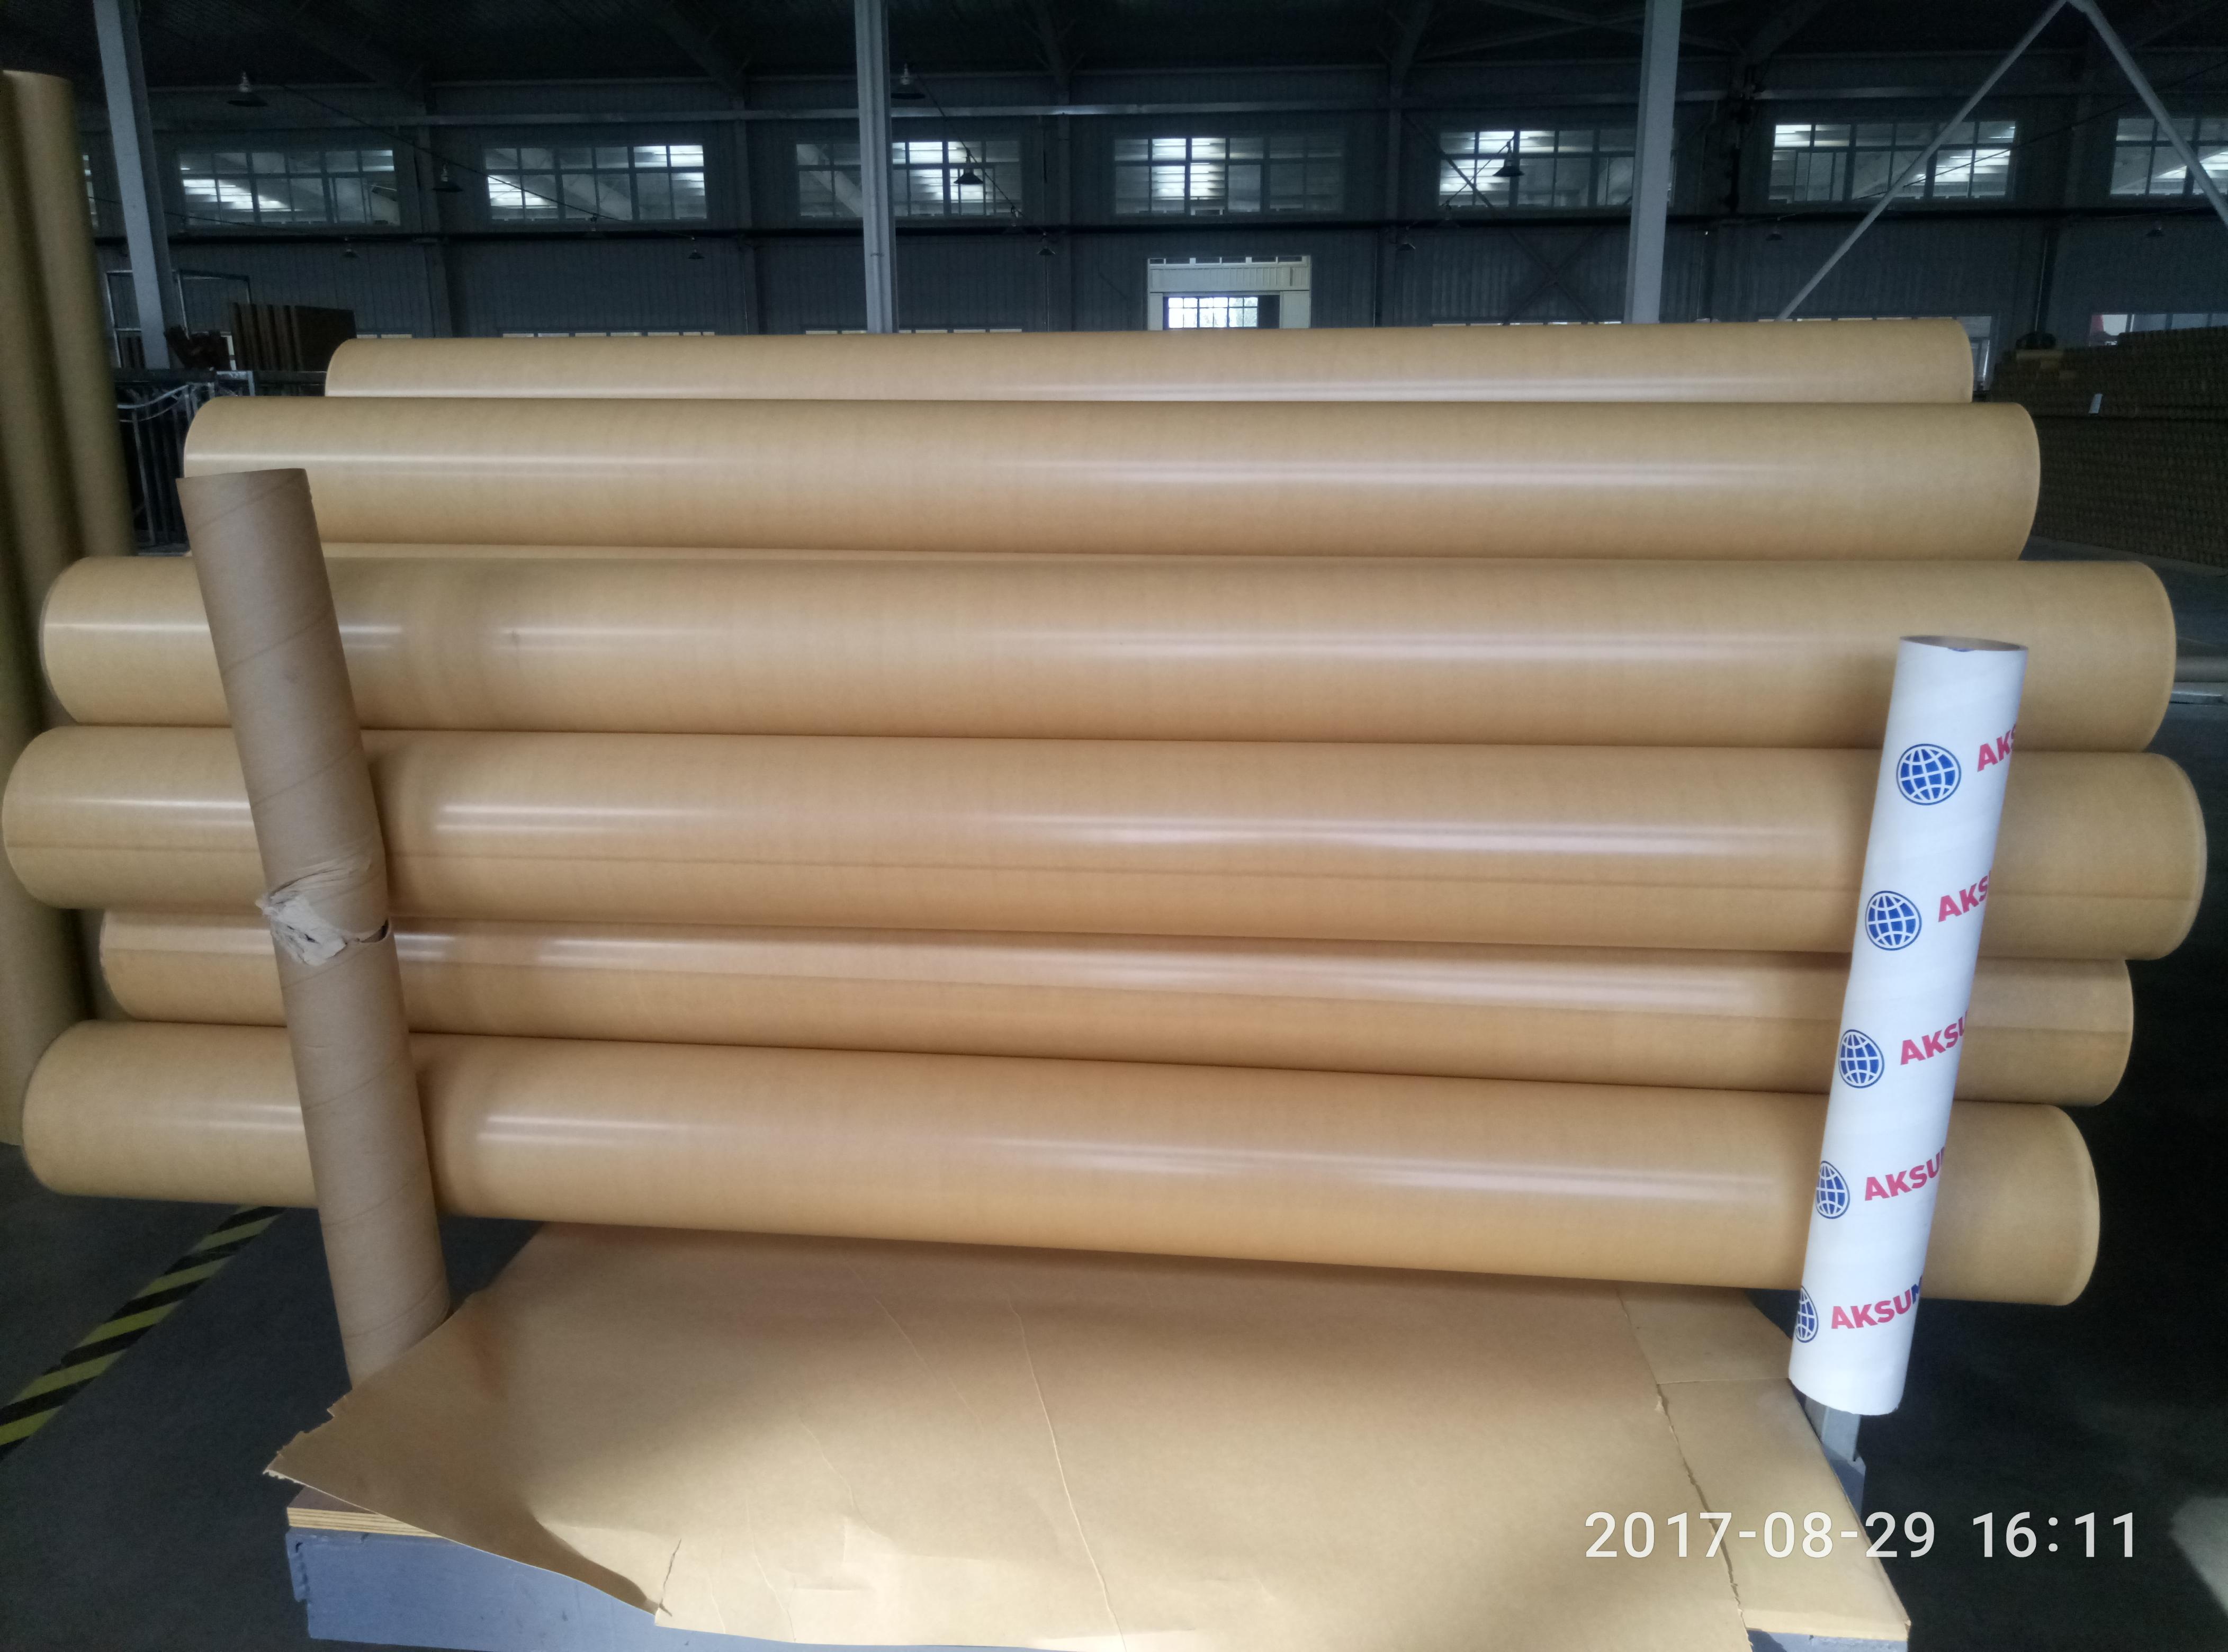 天津厂家供应优质铜箔纸管,3英寸,6英寸,支持定做